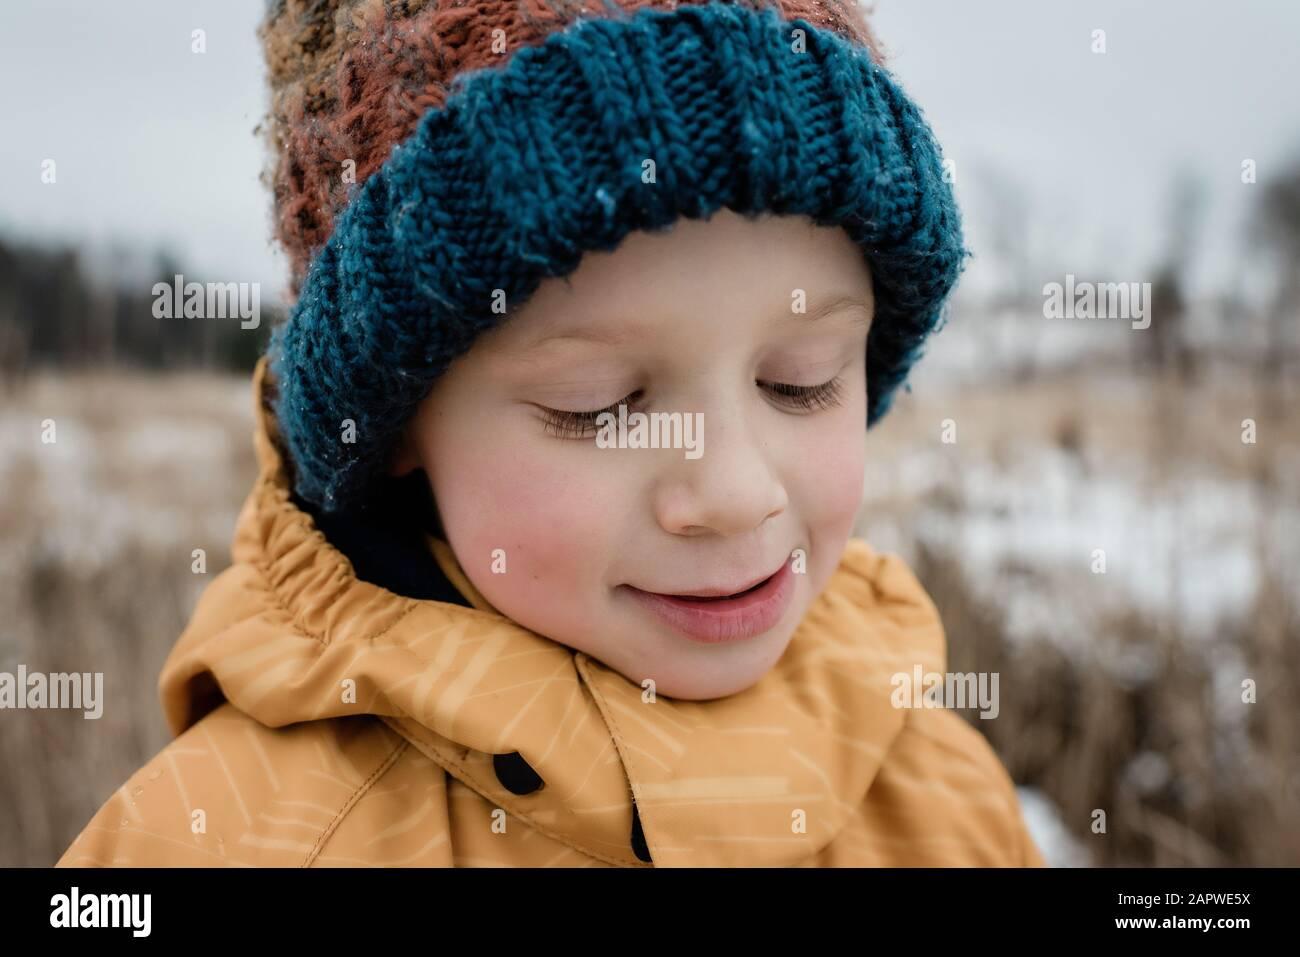 primer plano de un niño mirando hacia abajo sonriendo mientras juega fuera Foto de stock